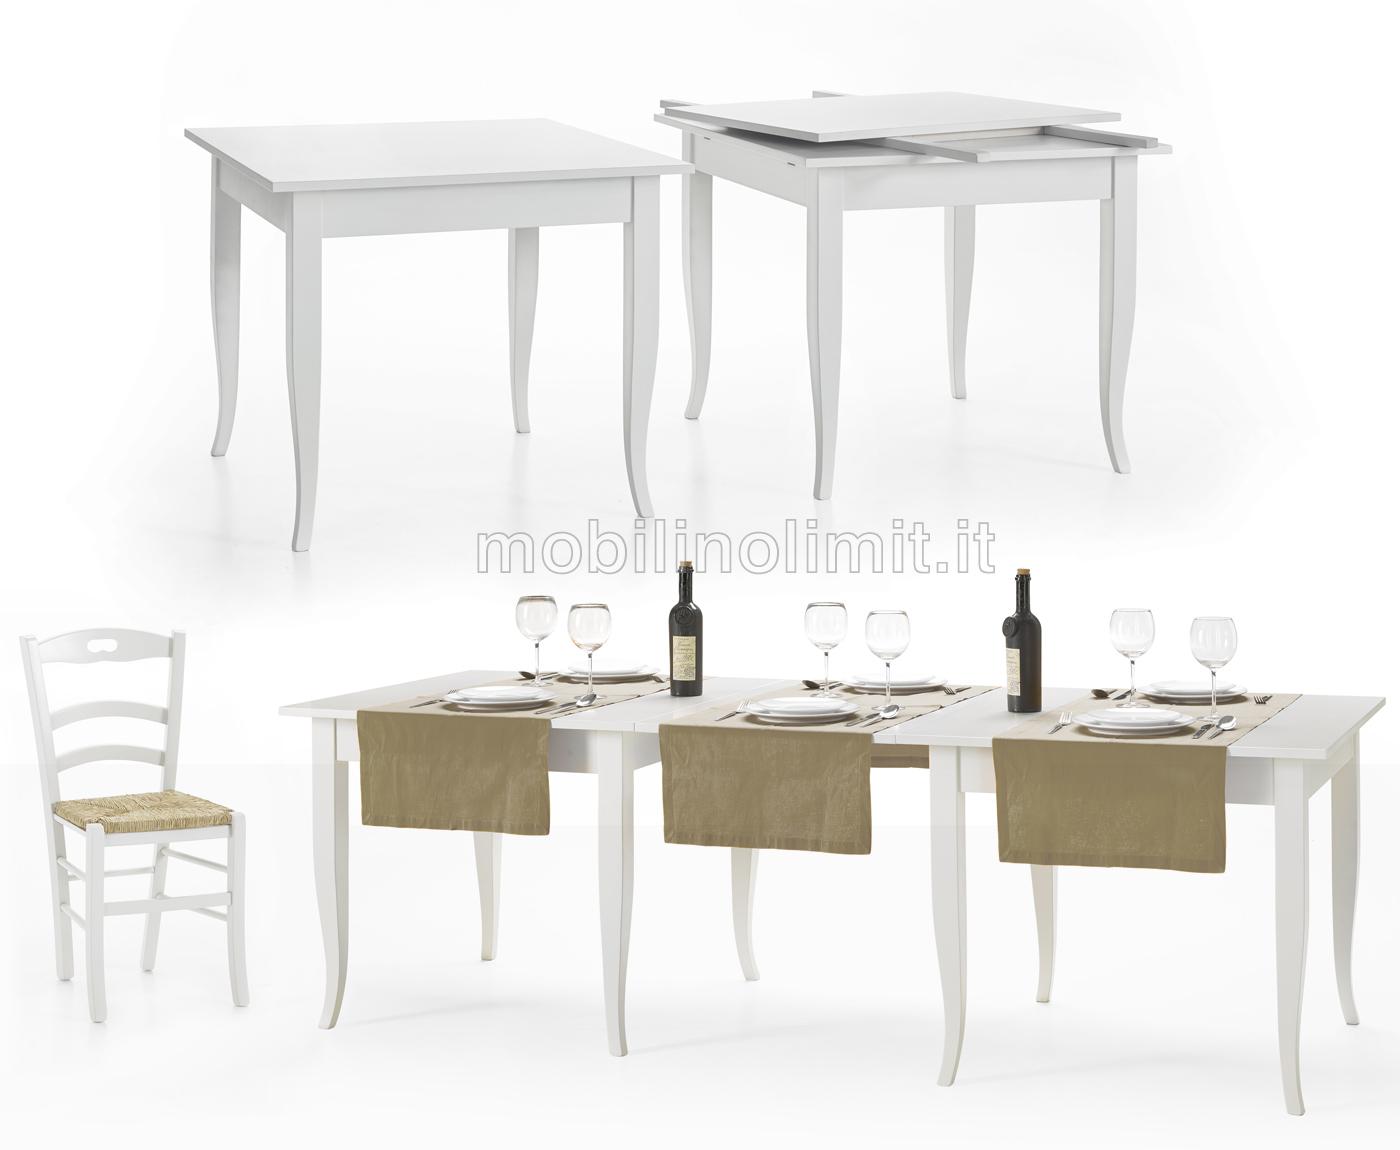 Tavolo fisso 80x80 bianco opaco for Costo del padiglione per piede quadrato